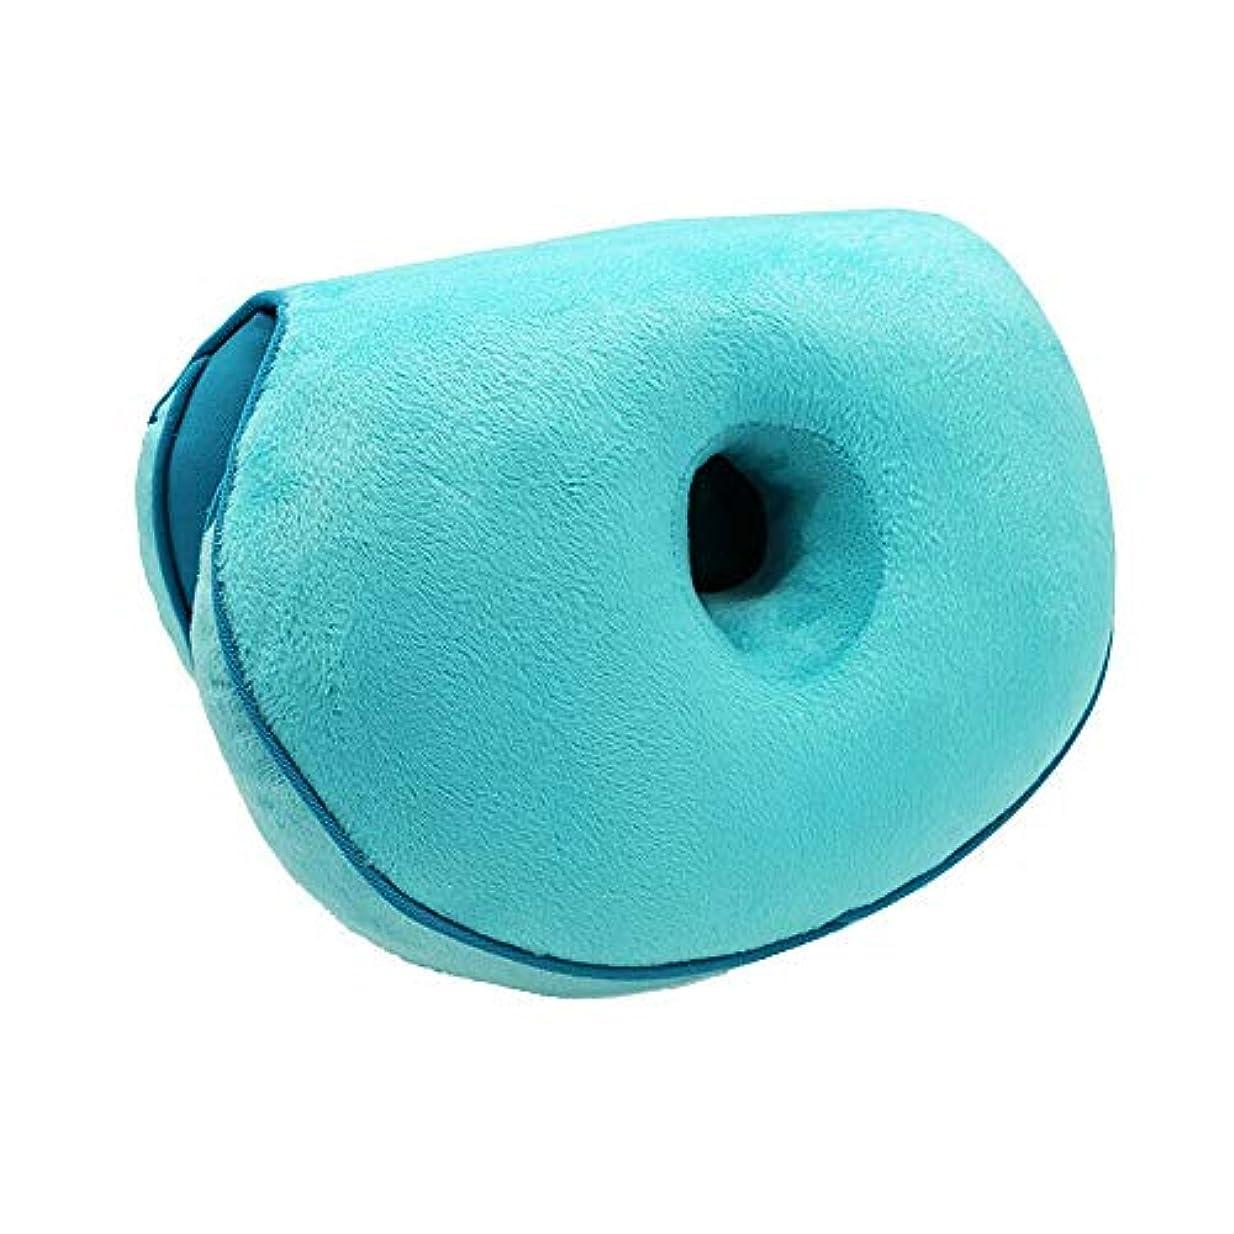 摂氏度抑制する途方もないLIFE 新デュアルシートクッション低反発ラテックスオフィスチェアバックシートクッション快適な臀部マットパッド枕旅行枕女性女の子 クッション 椅子